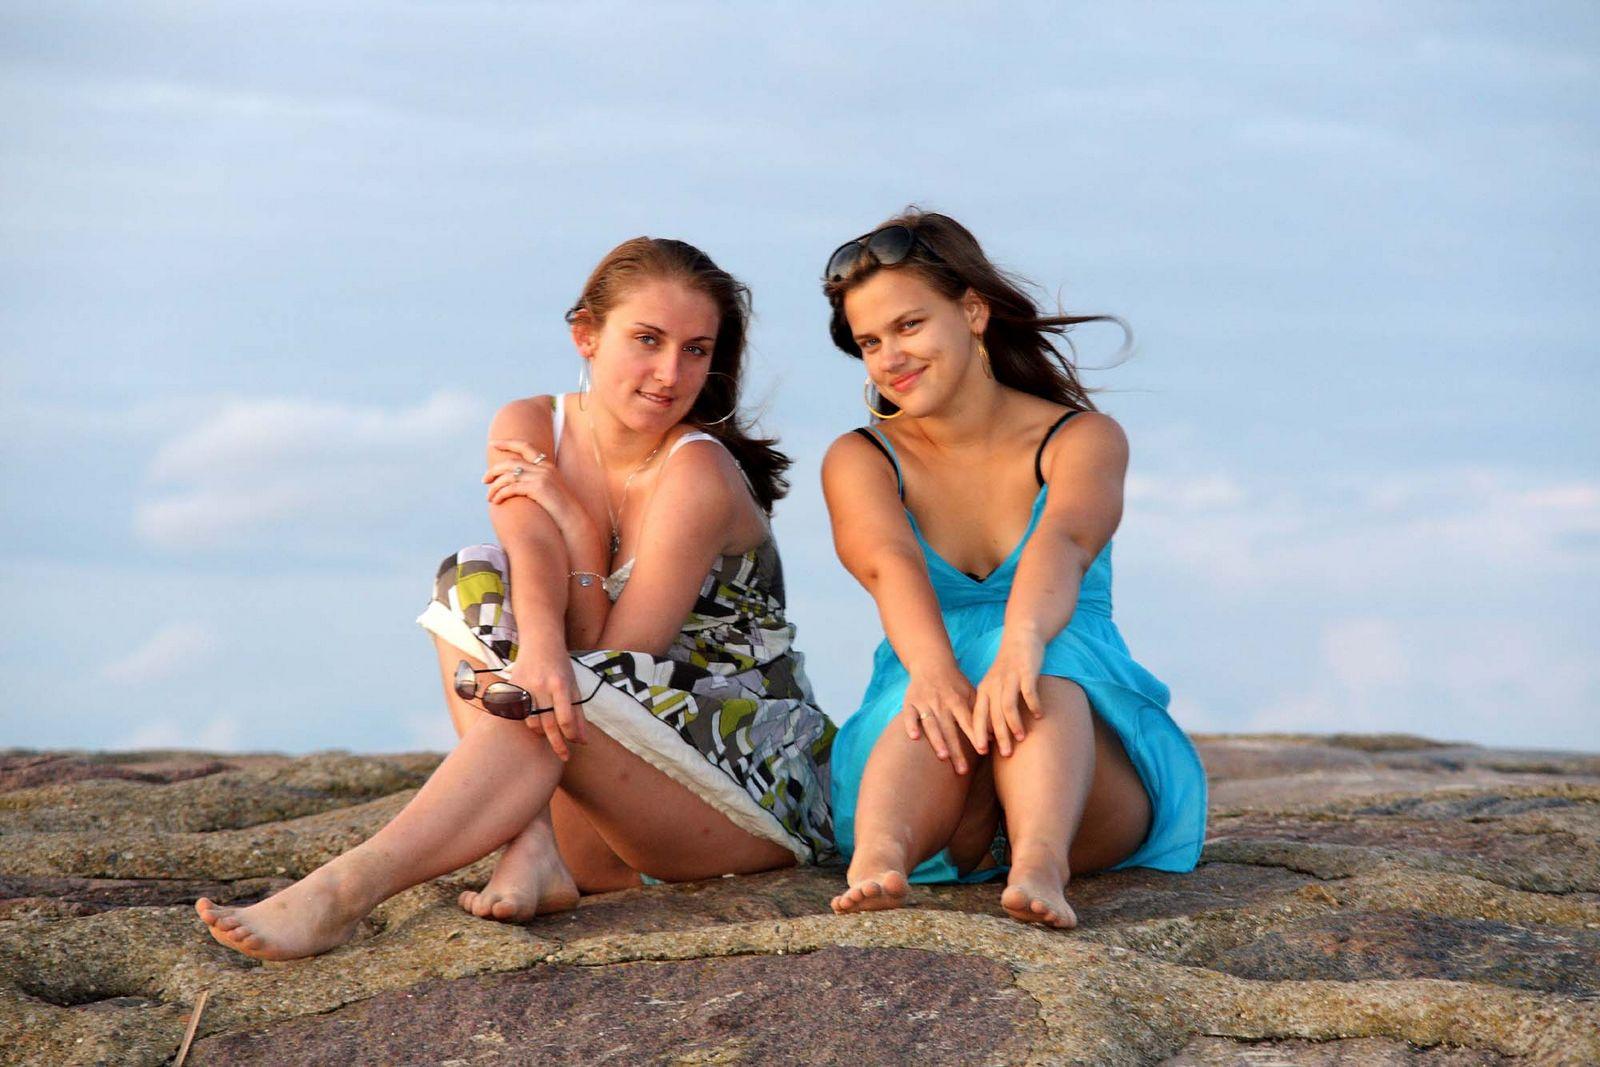 Chicas bellas en las playas - 1600x1067